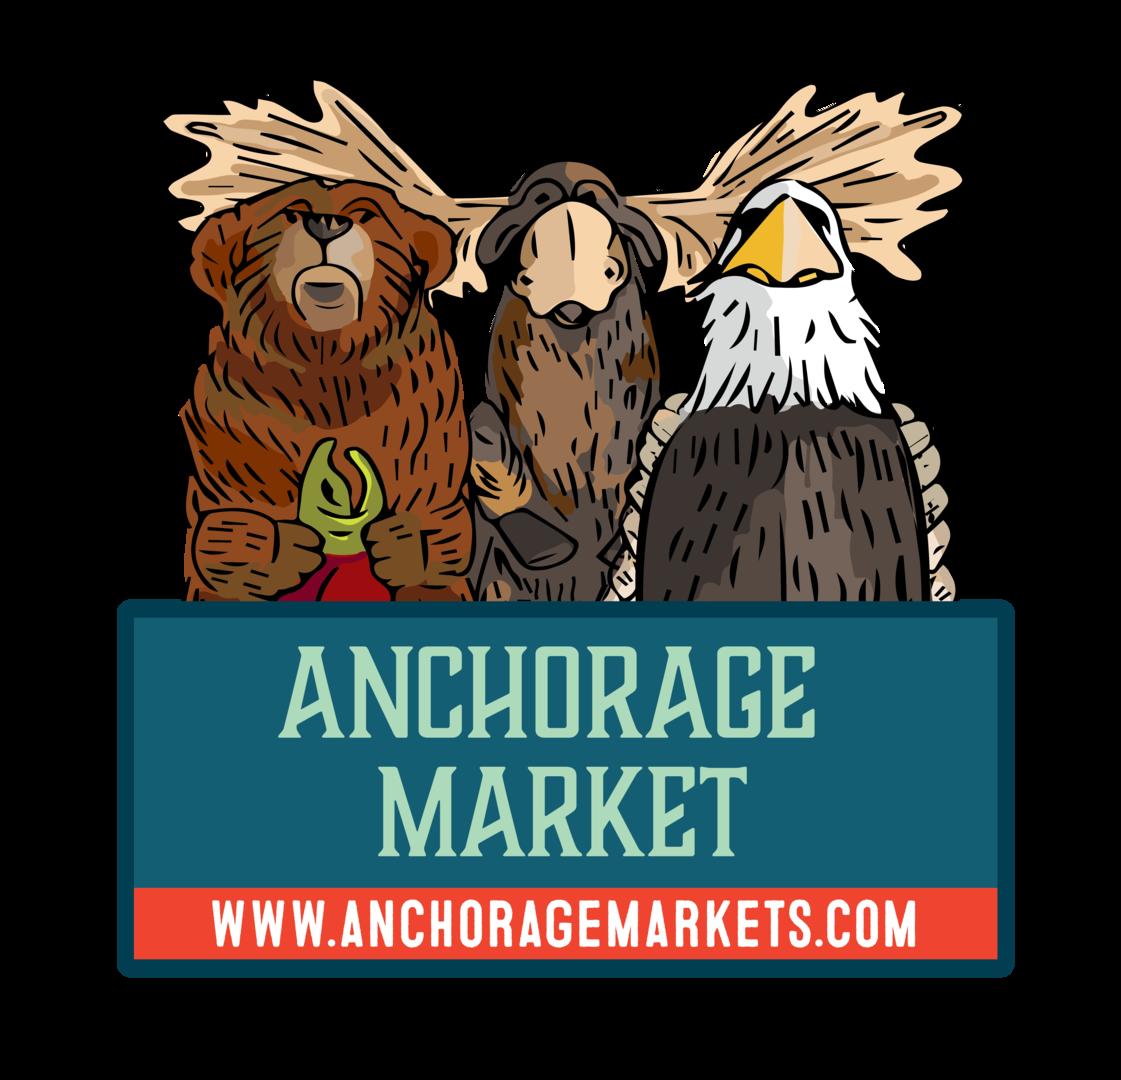 Anchorage Market